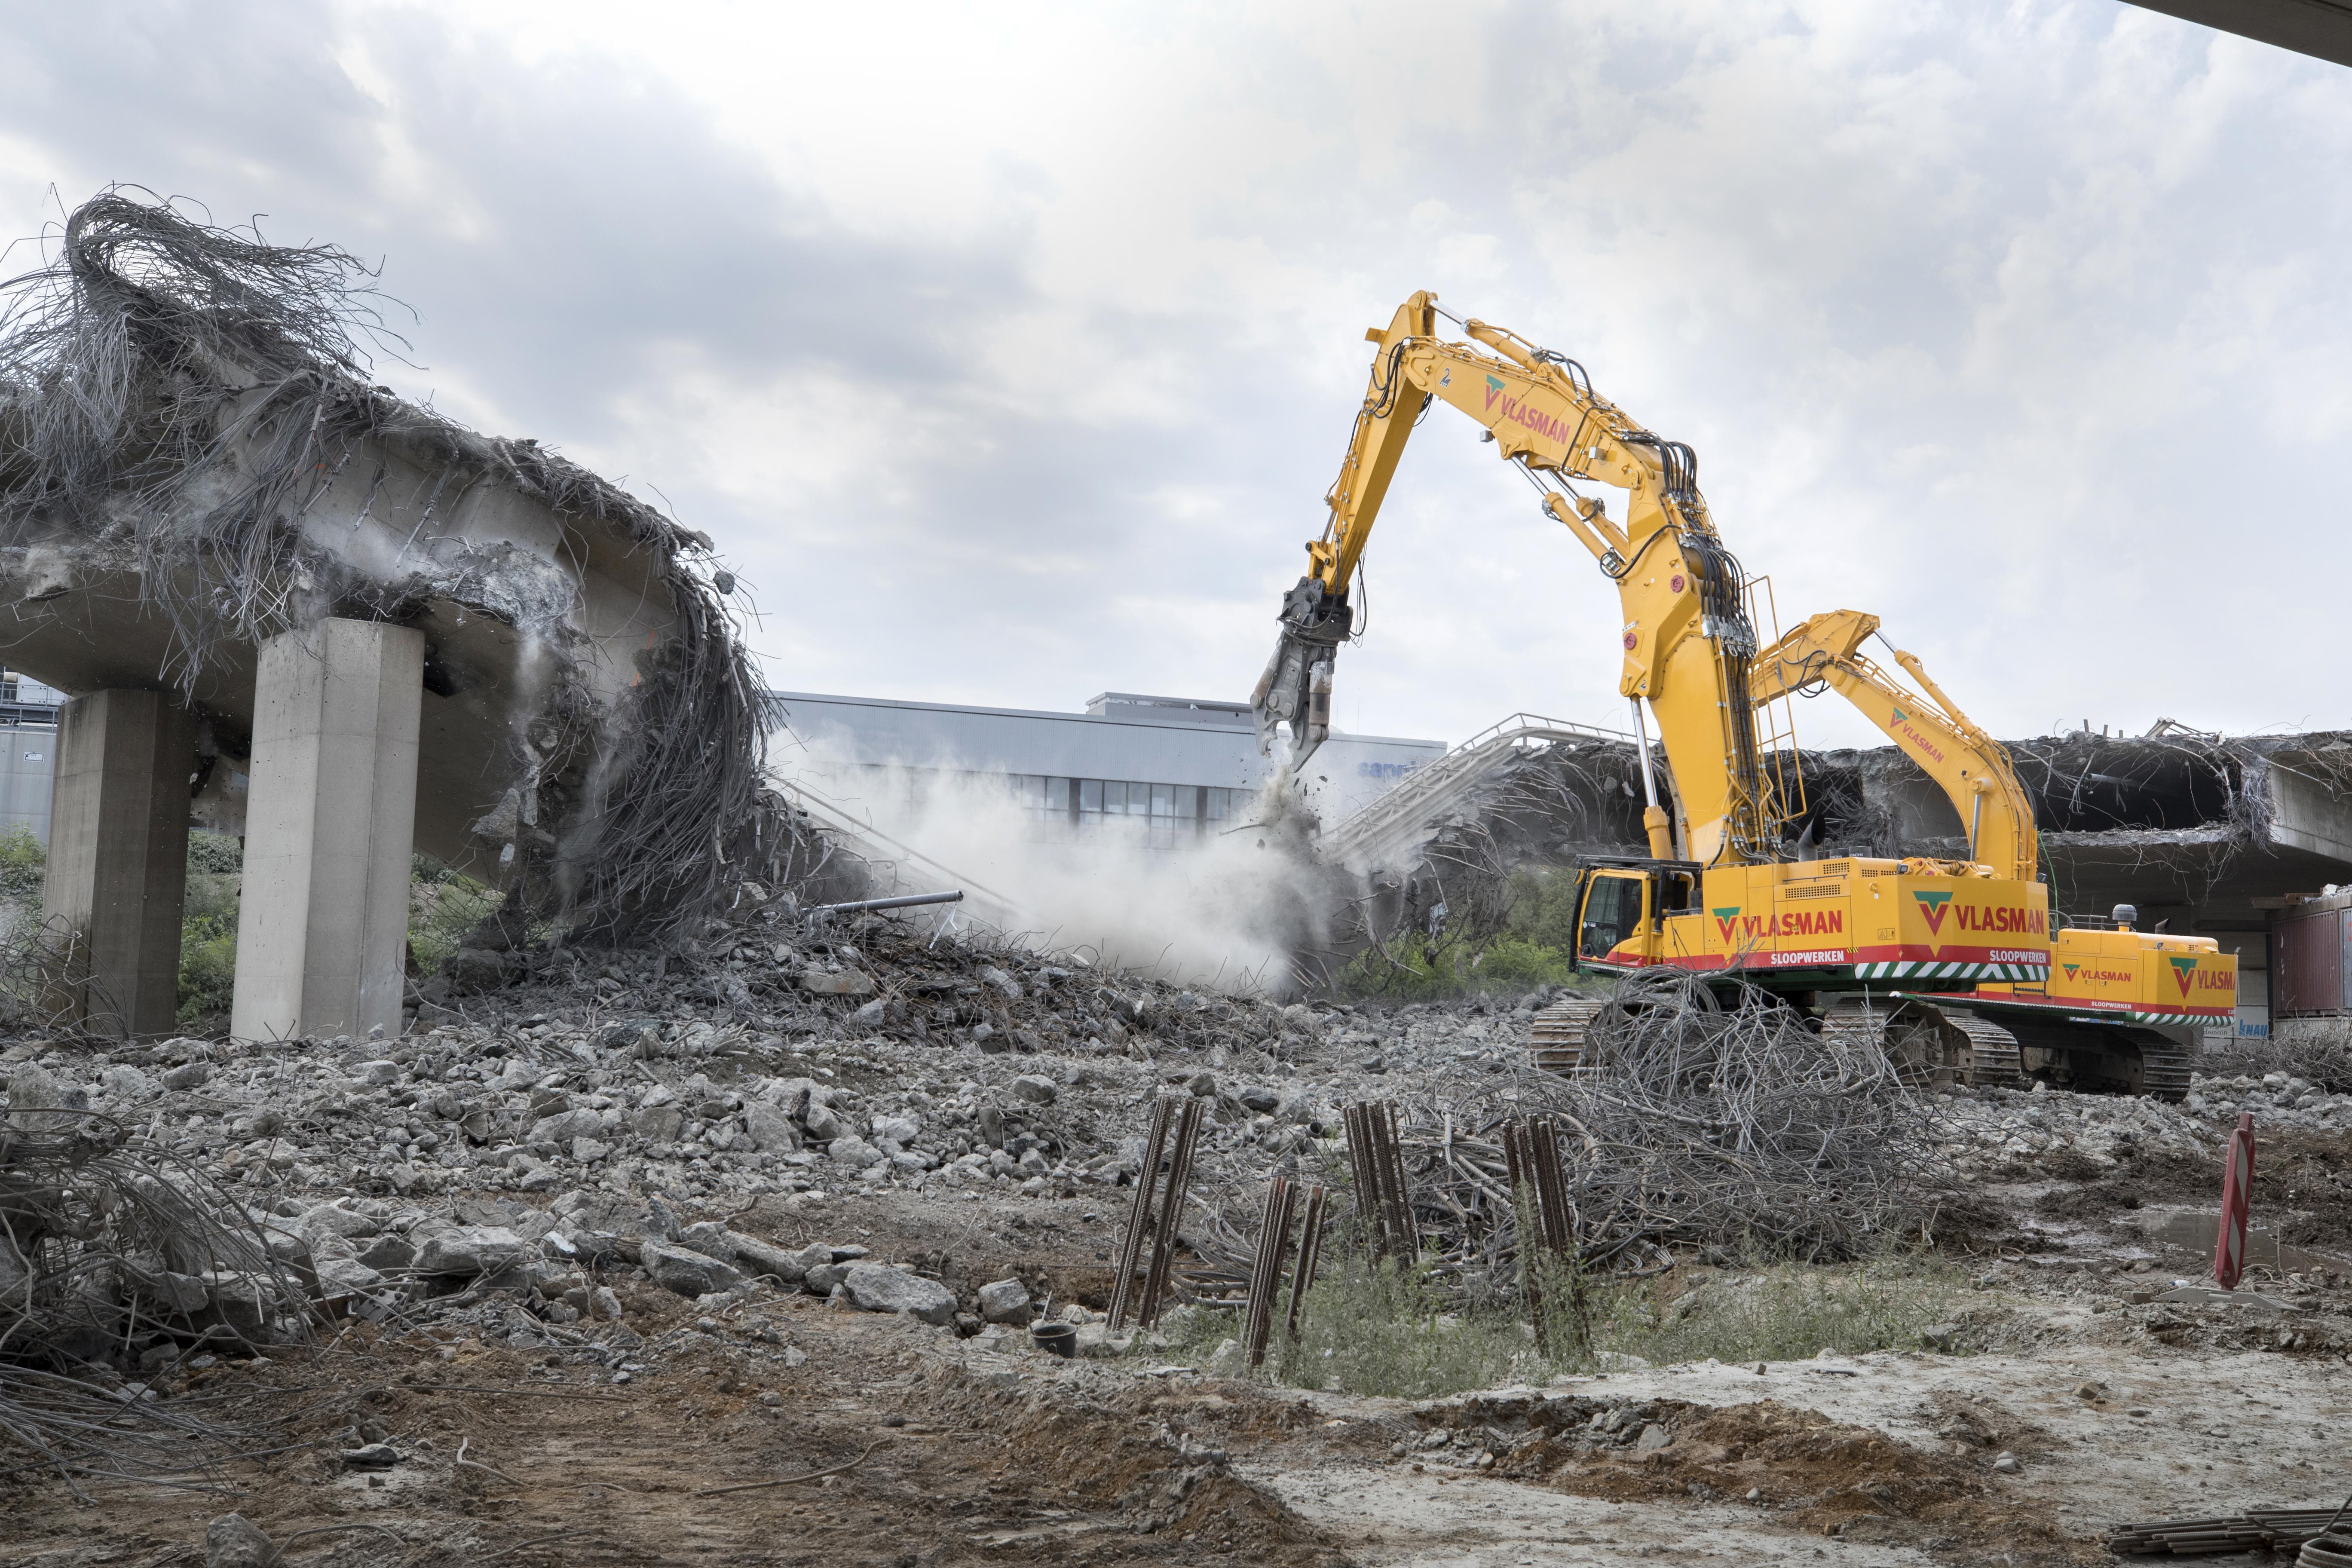 <p>De machine heeft 25 ton aan ballast. Dit contragewicht kan door de Hitachi zelf hydraulisch worden afgetild.</p>